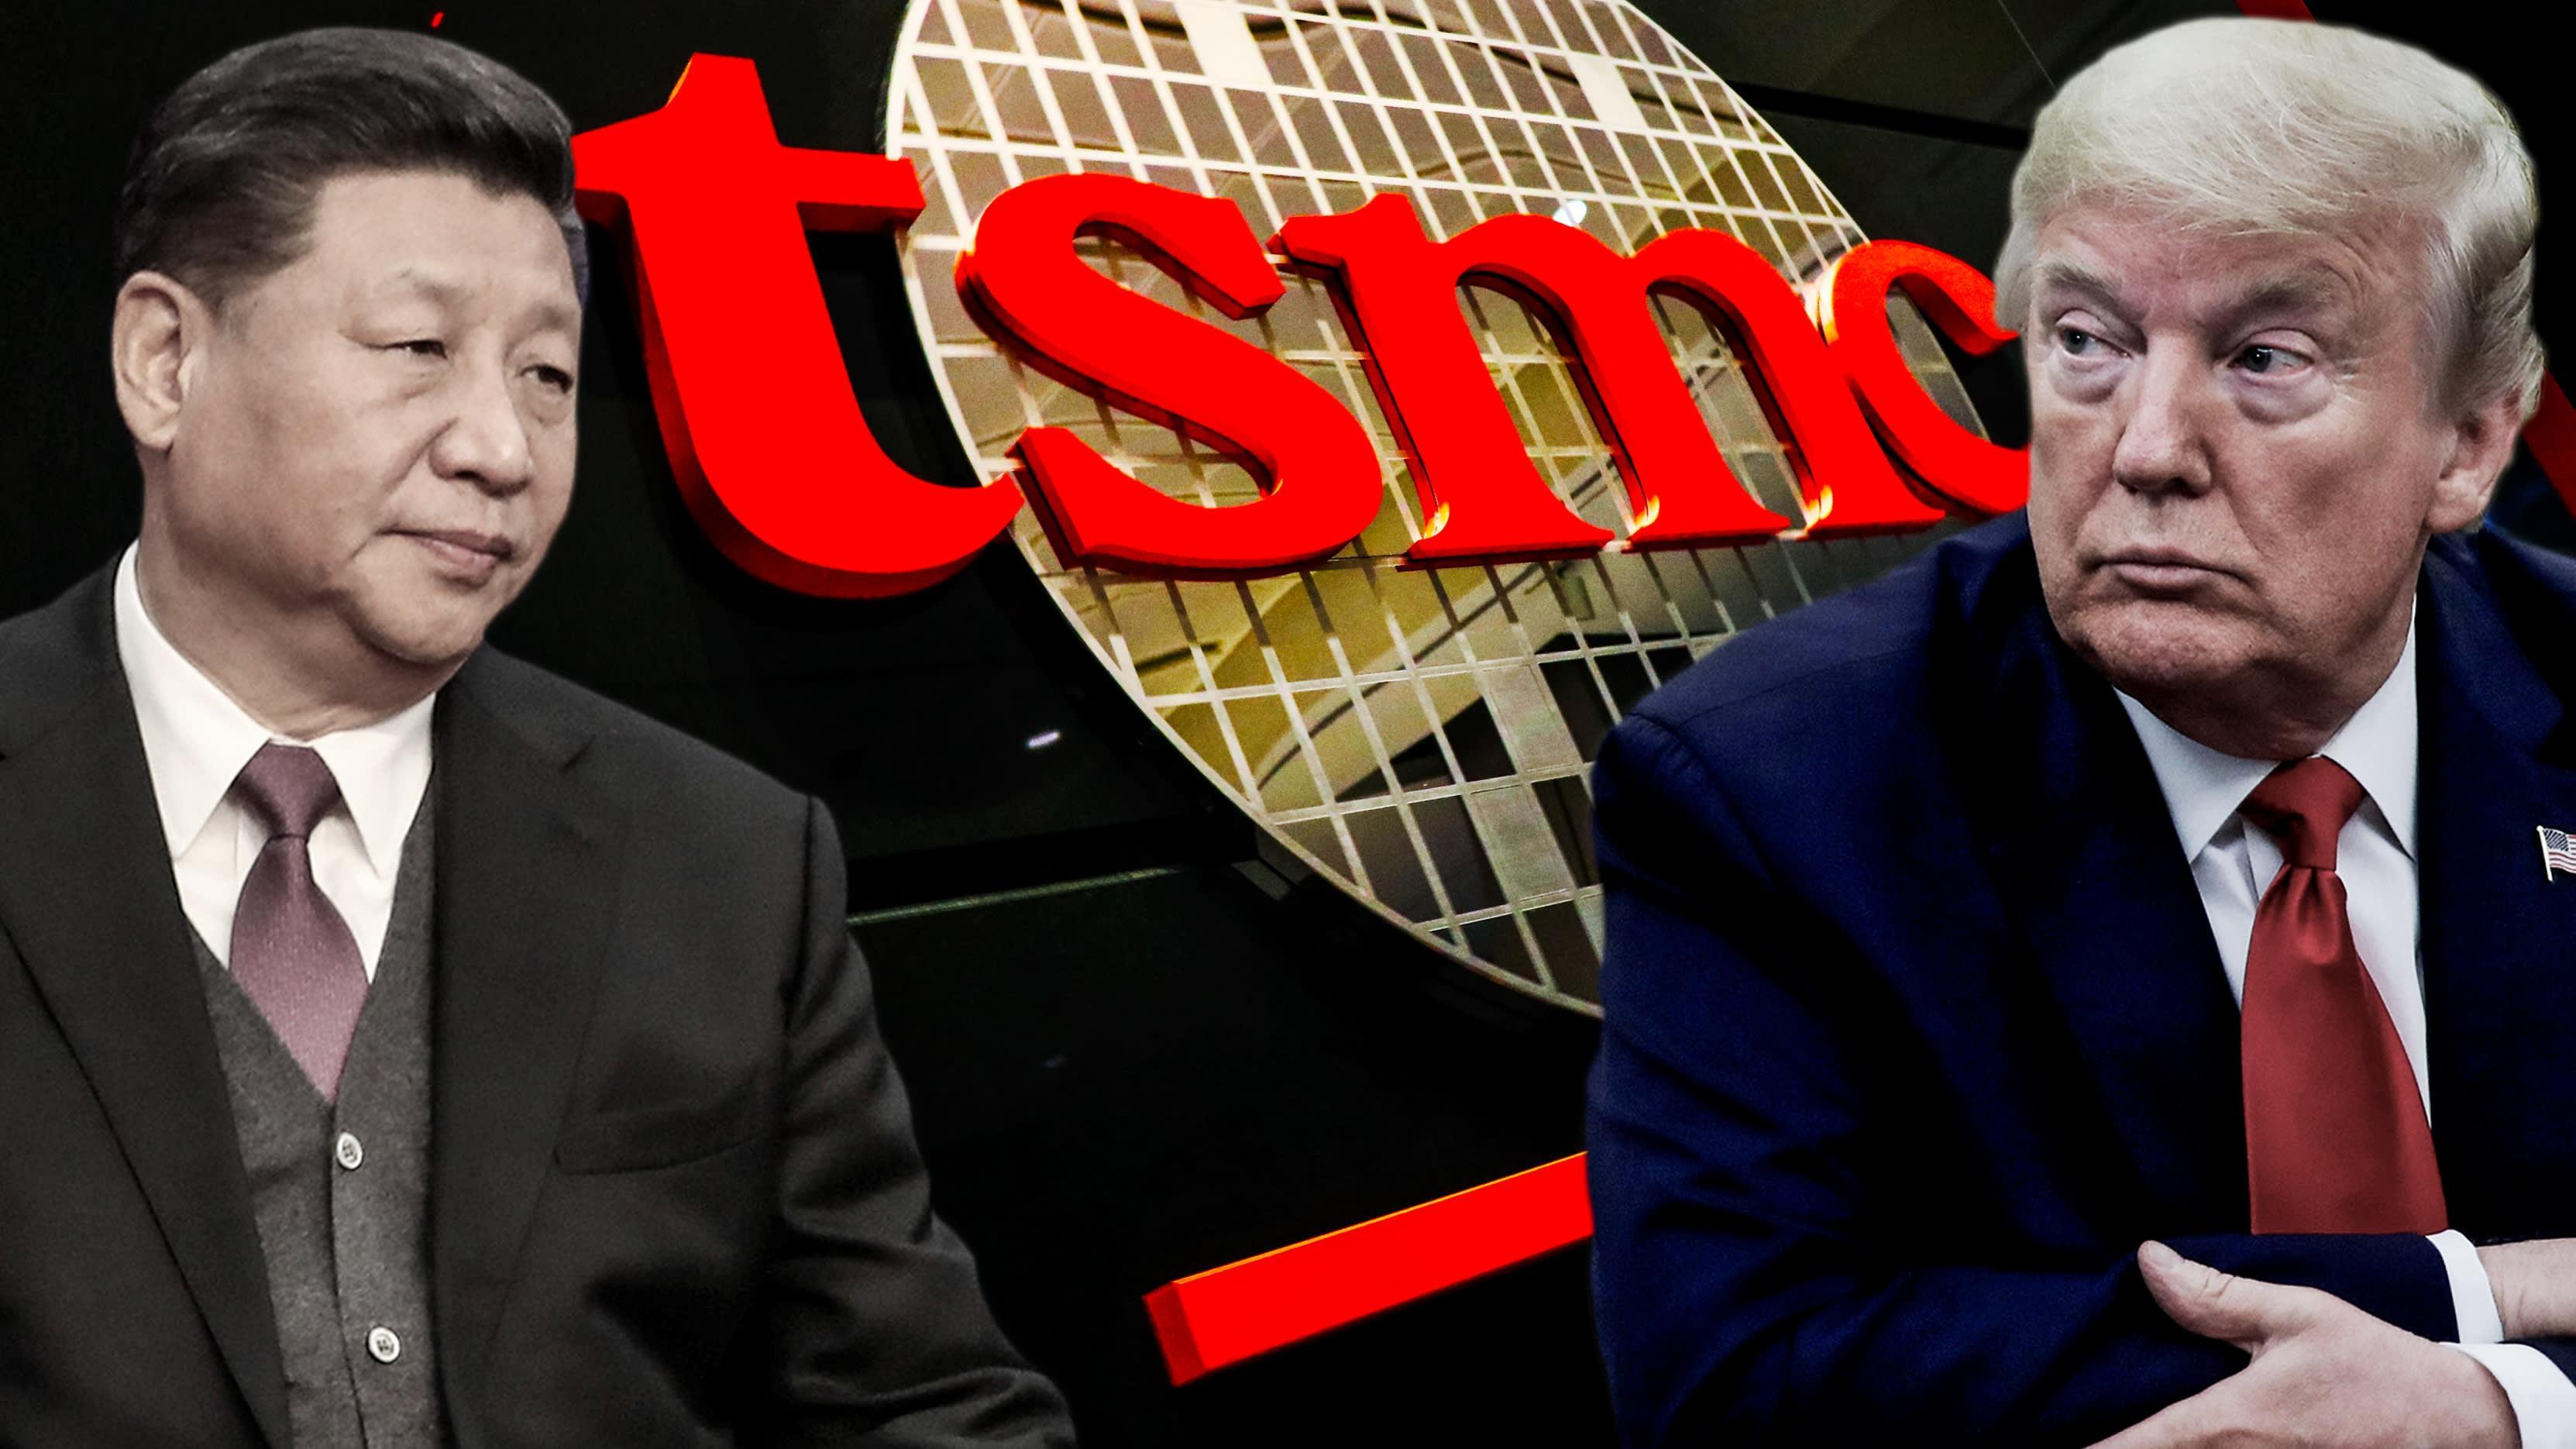 Công ty Đài Loan sắp khiến giới công nghệ hỗn loạn